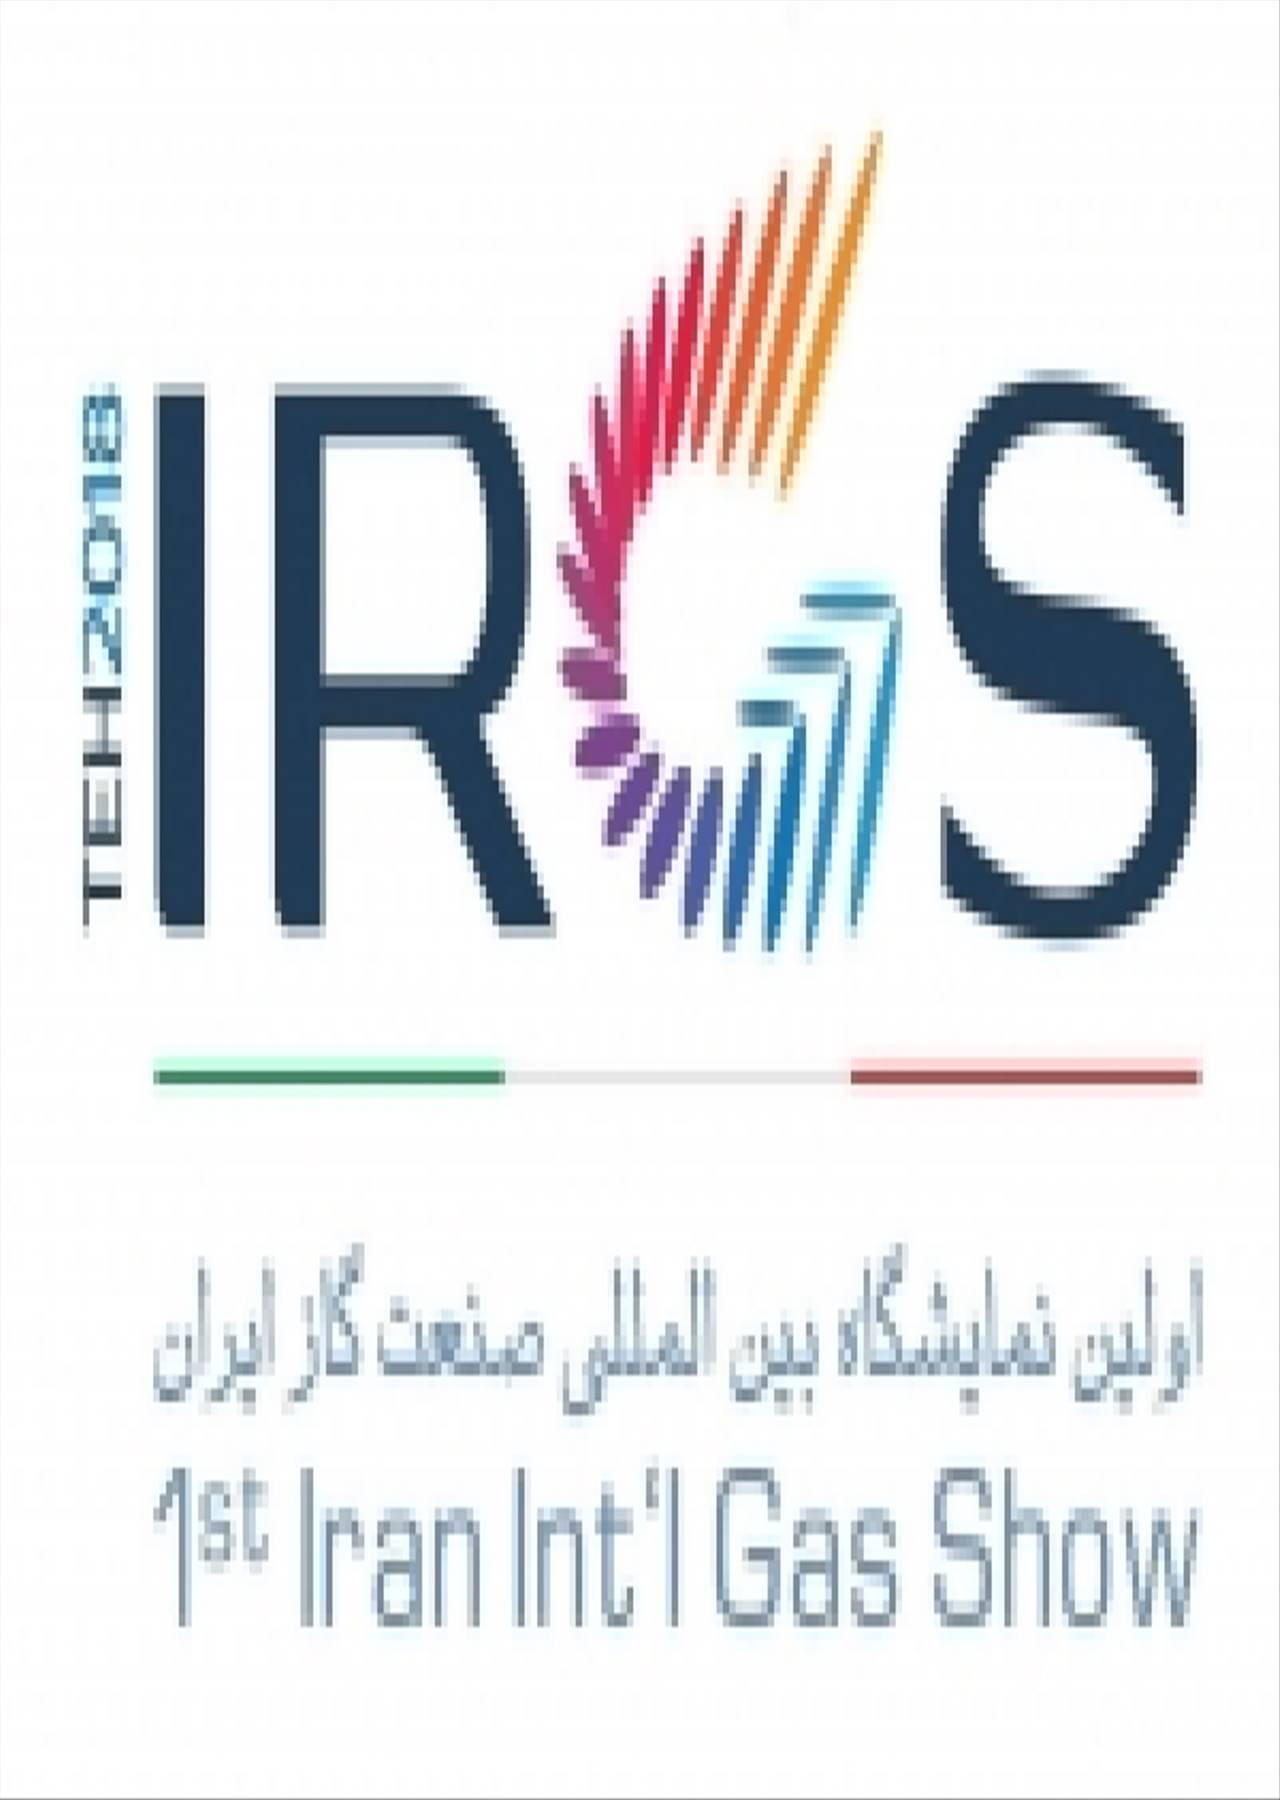 اخبار نمایشگاه بین المللی صنعت گاز شهر آفتاب